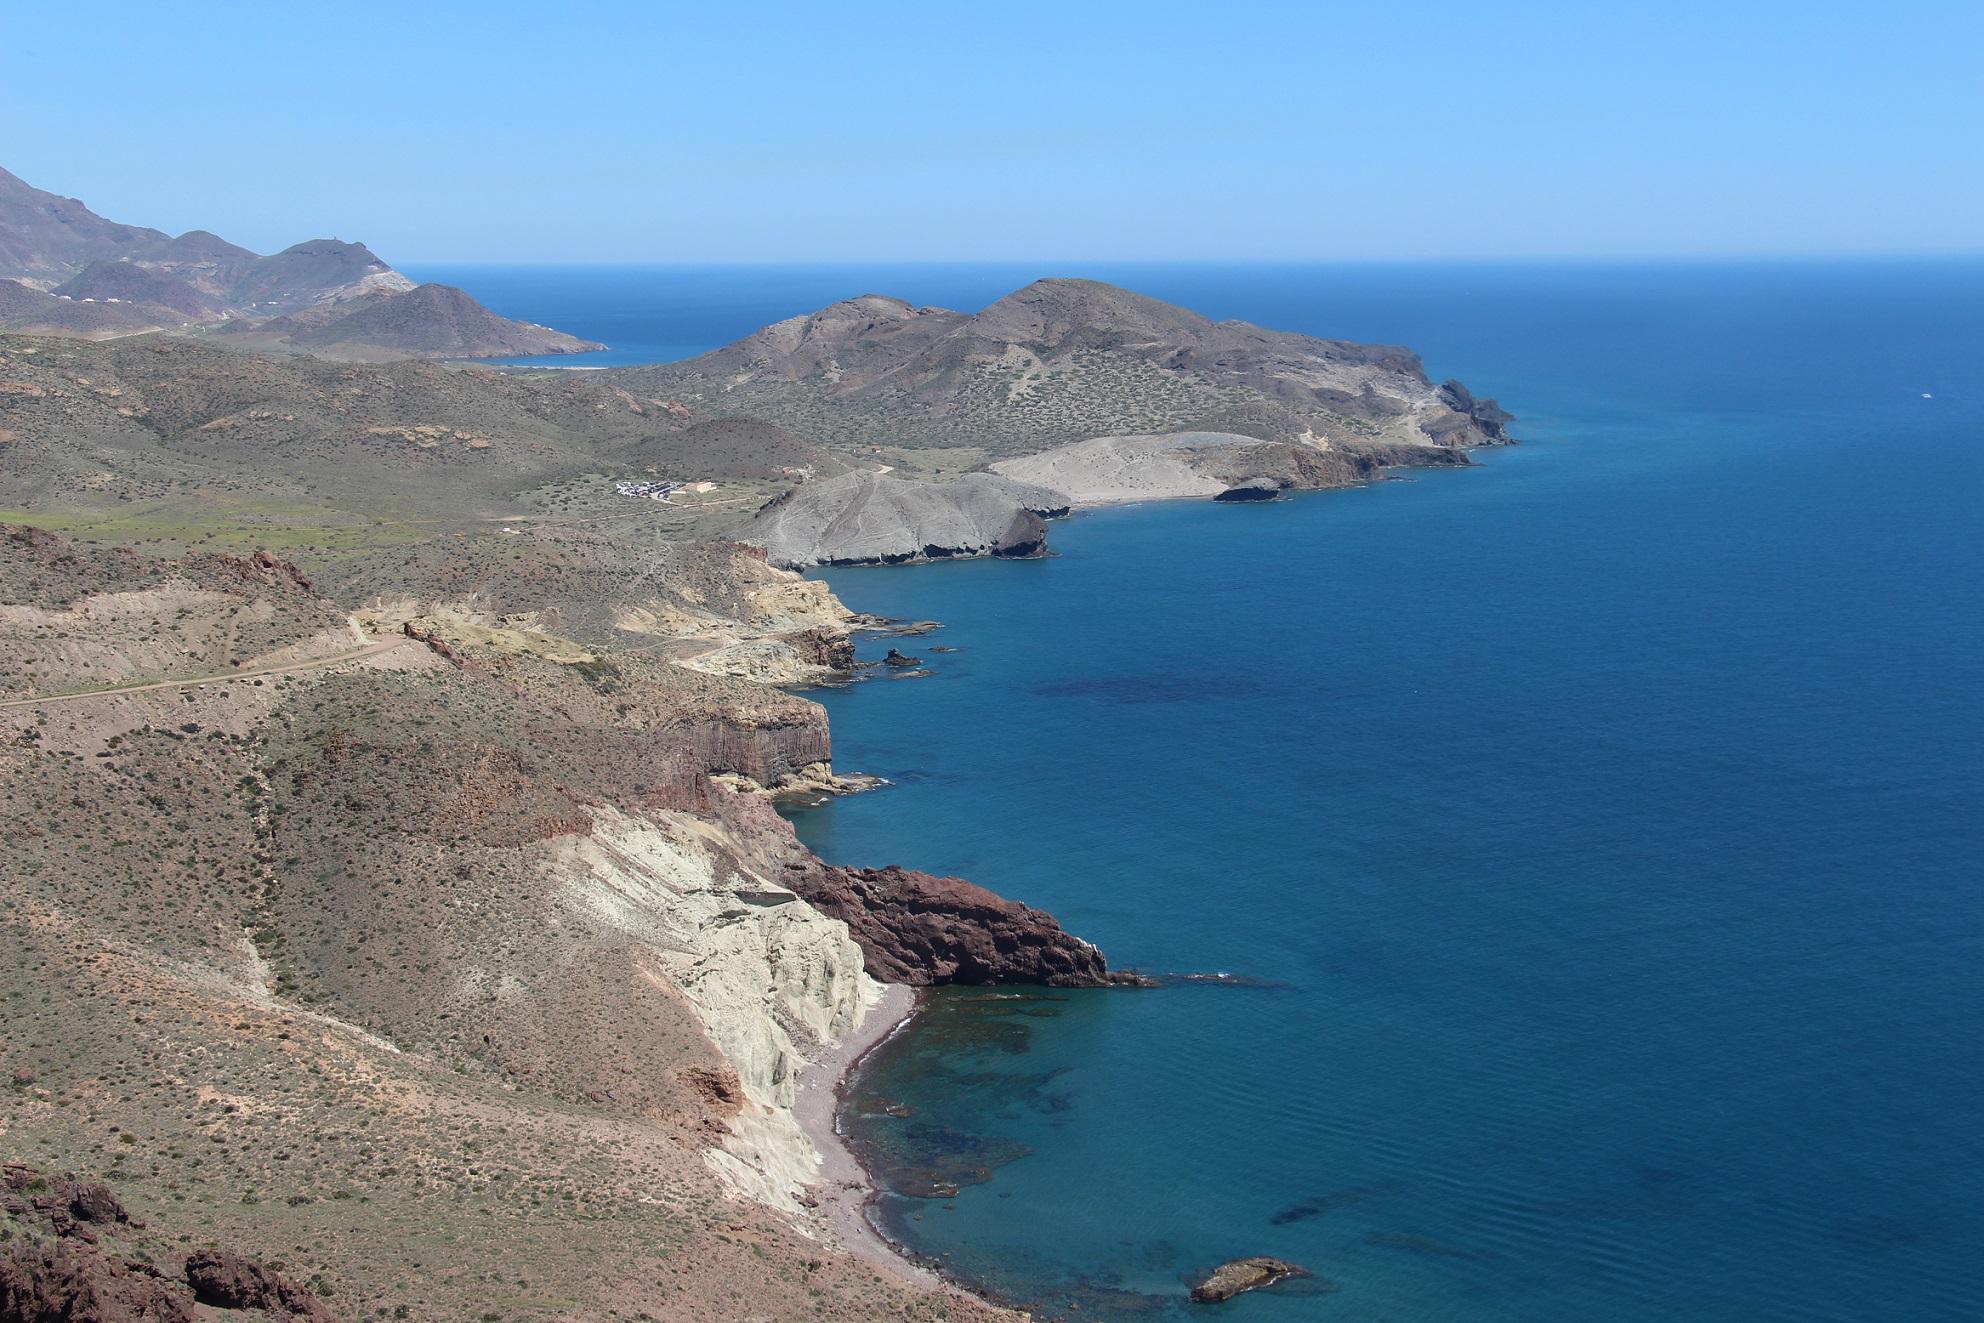 Costa del Parque Natural de Cabo de Gata - Níjar (Almeria)